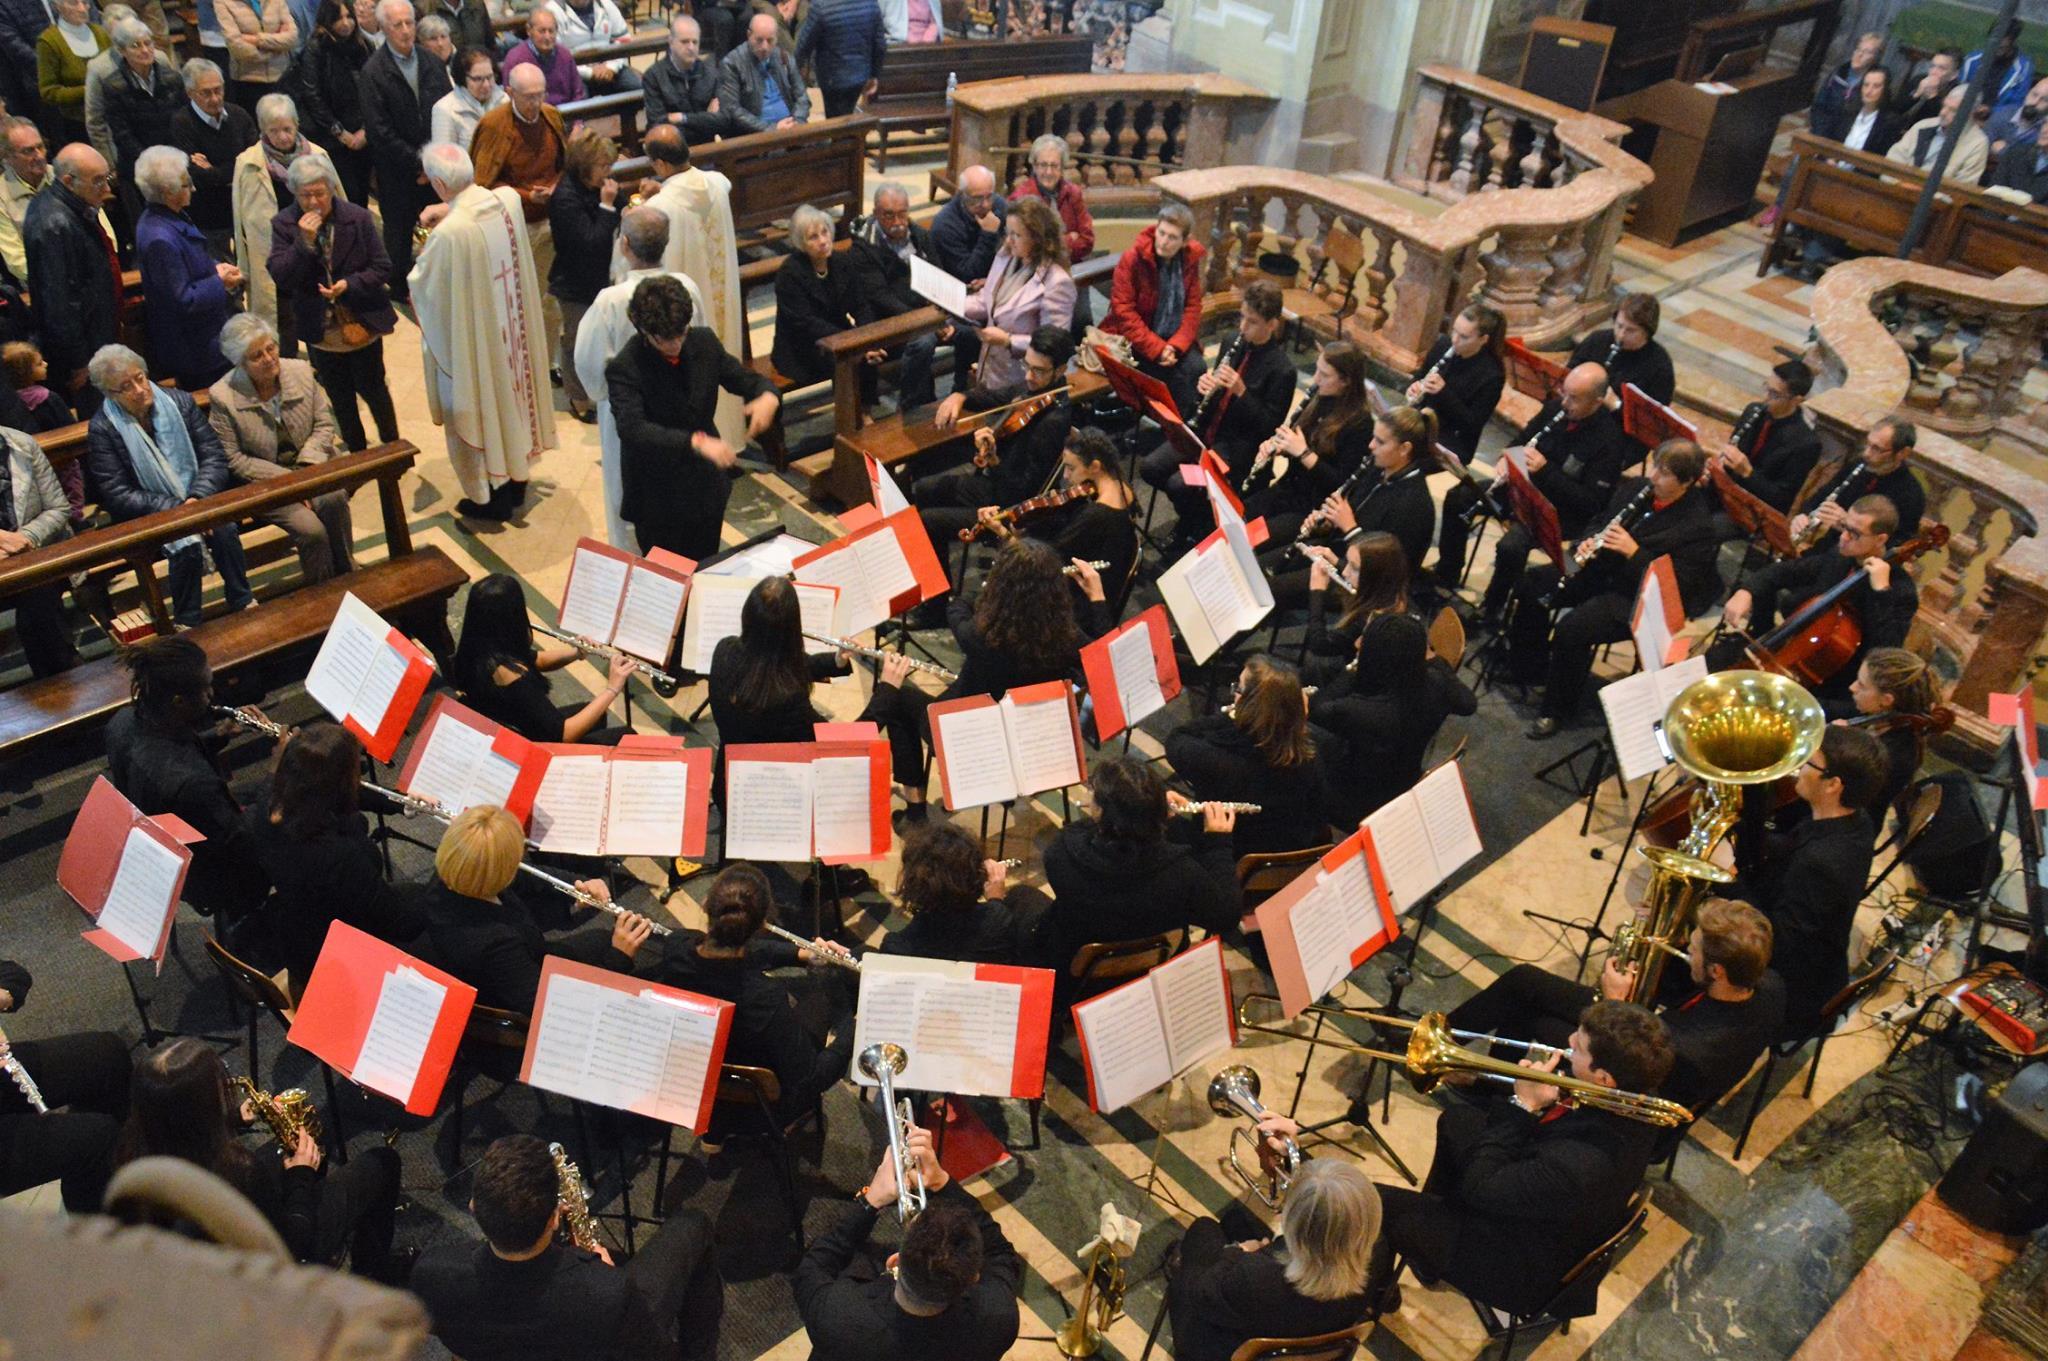 Orchestra Ex novo – in occasione festeggiamenti per il Rettore, e festa del fondatore Beato Bernardino Caimi